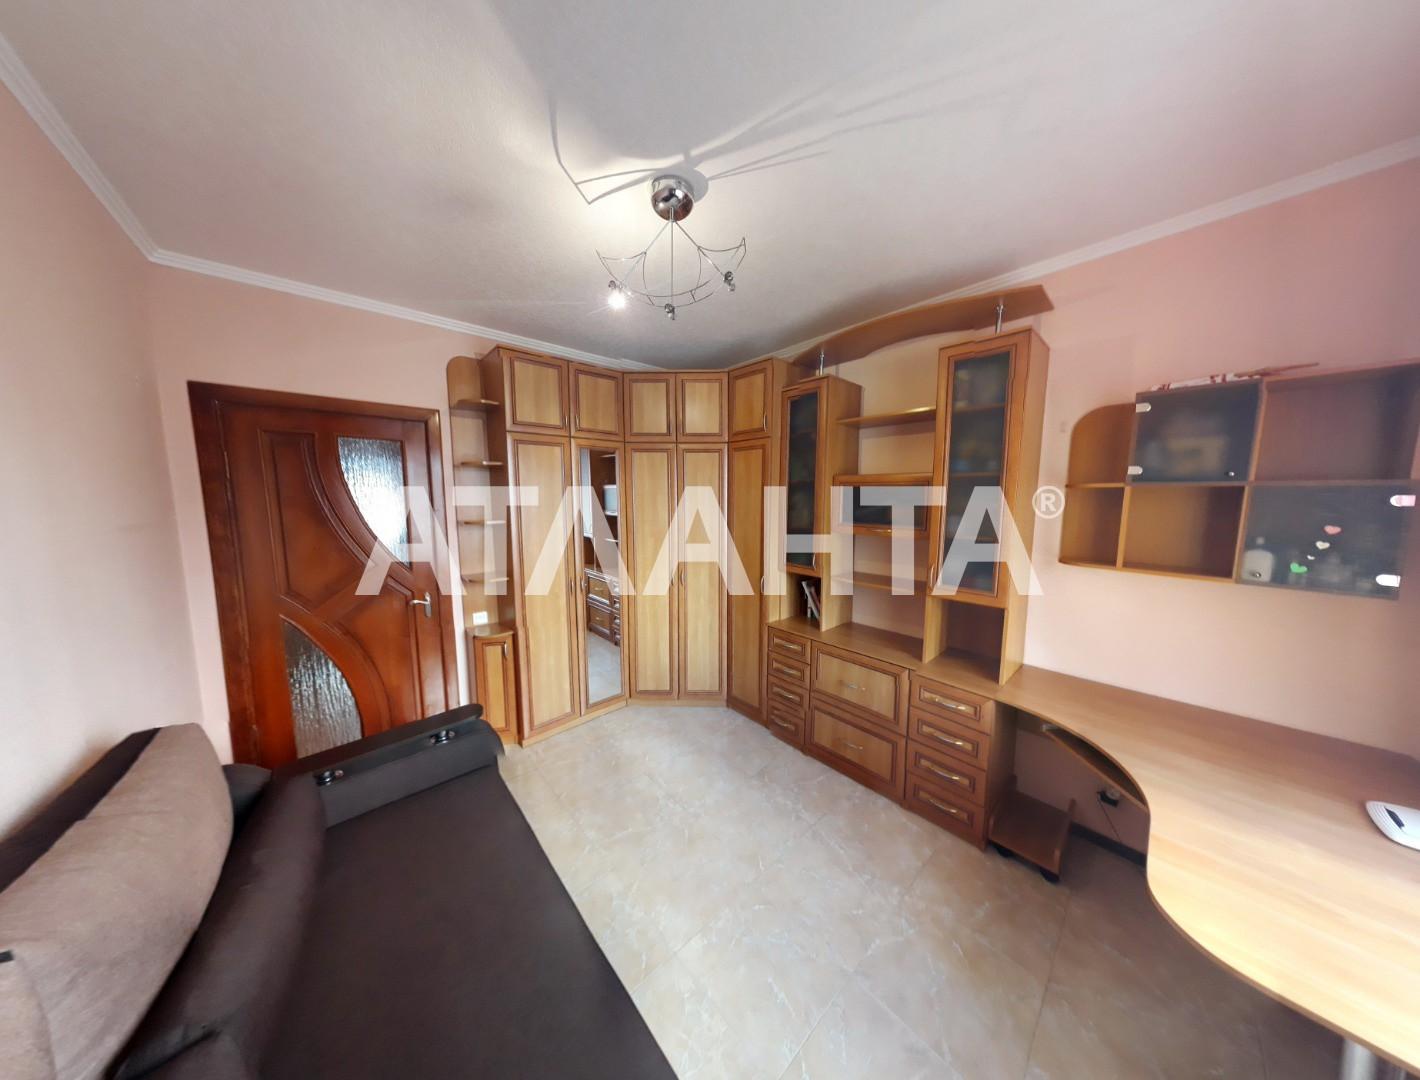 Продается 3-комнатная Квартира на ул. Ул. Вильямса — 90 000 у.е. (фото №16)